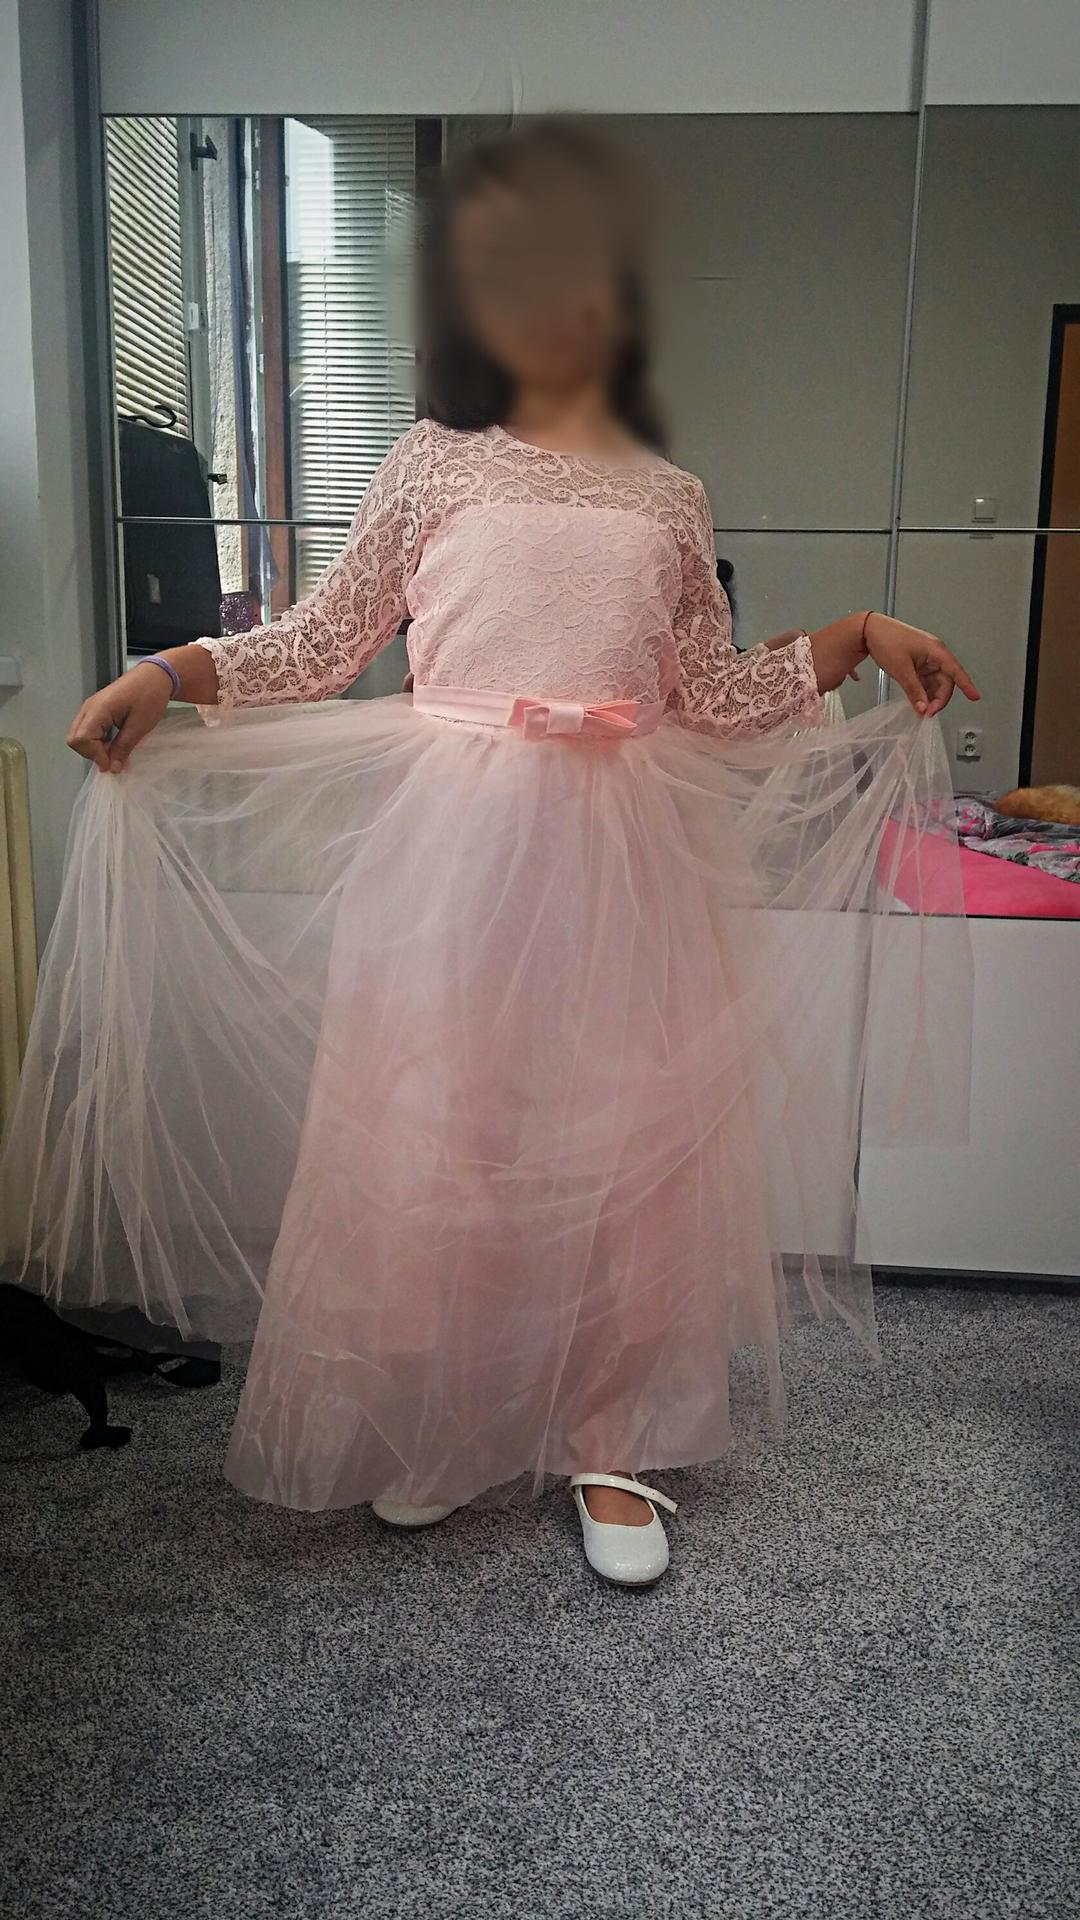 Naše malá princezna (přítelova dcera)..hlavně potřebovala mít šaty jako já, ale byla zklamaná, že nebudu mít také růžové:) Musely být dlouhé a k tomu třpytivé bílé botky...prý se cítí jako princezna:-D - Obrázek č. 1